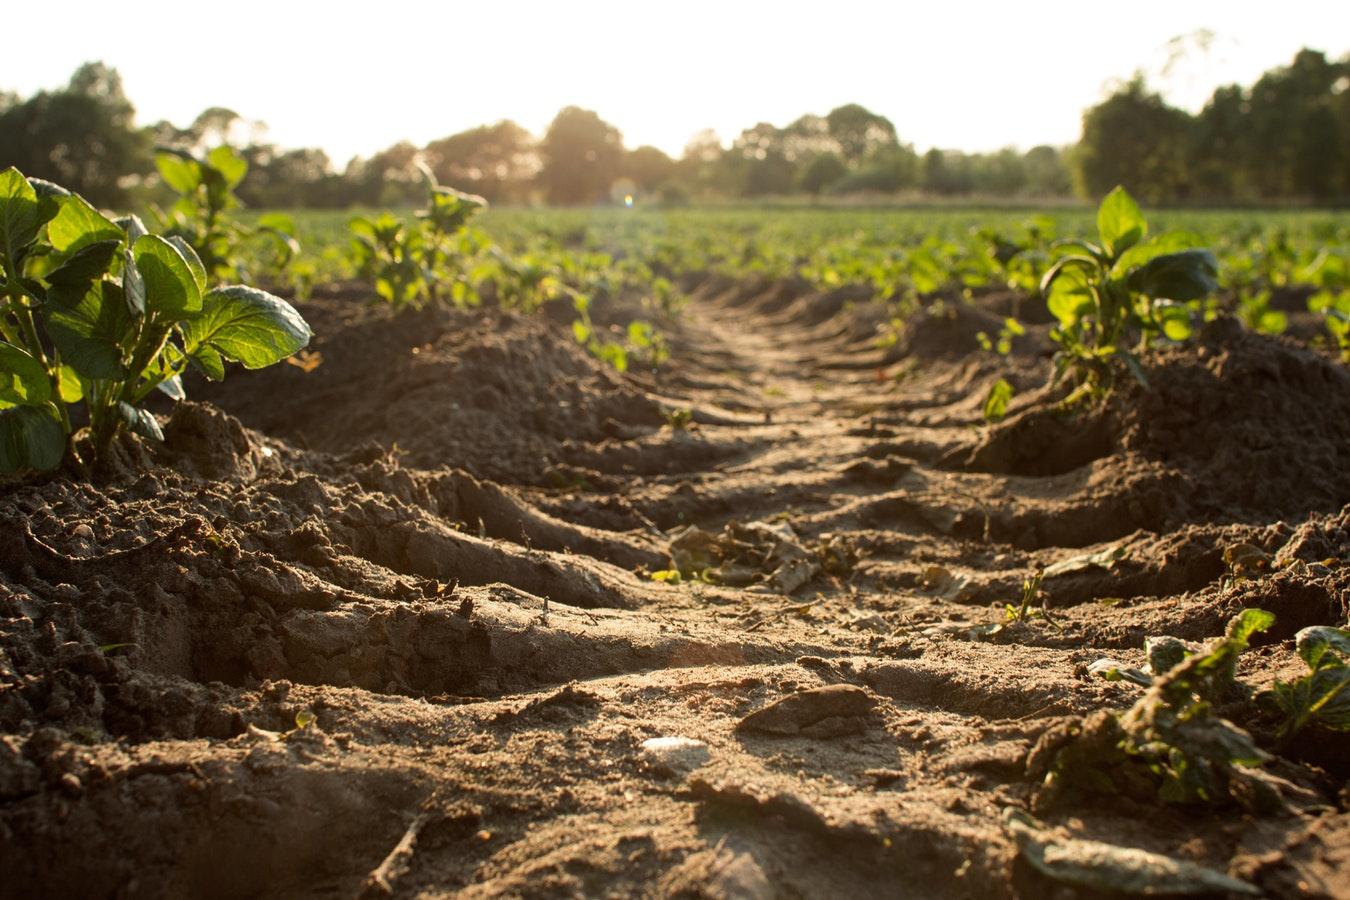 重金属污染对土壤微生物生态特征的影响研究进展